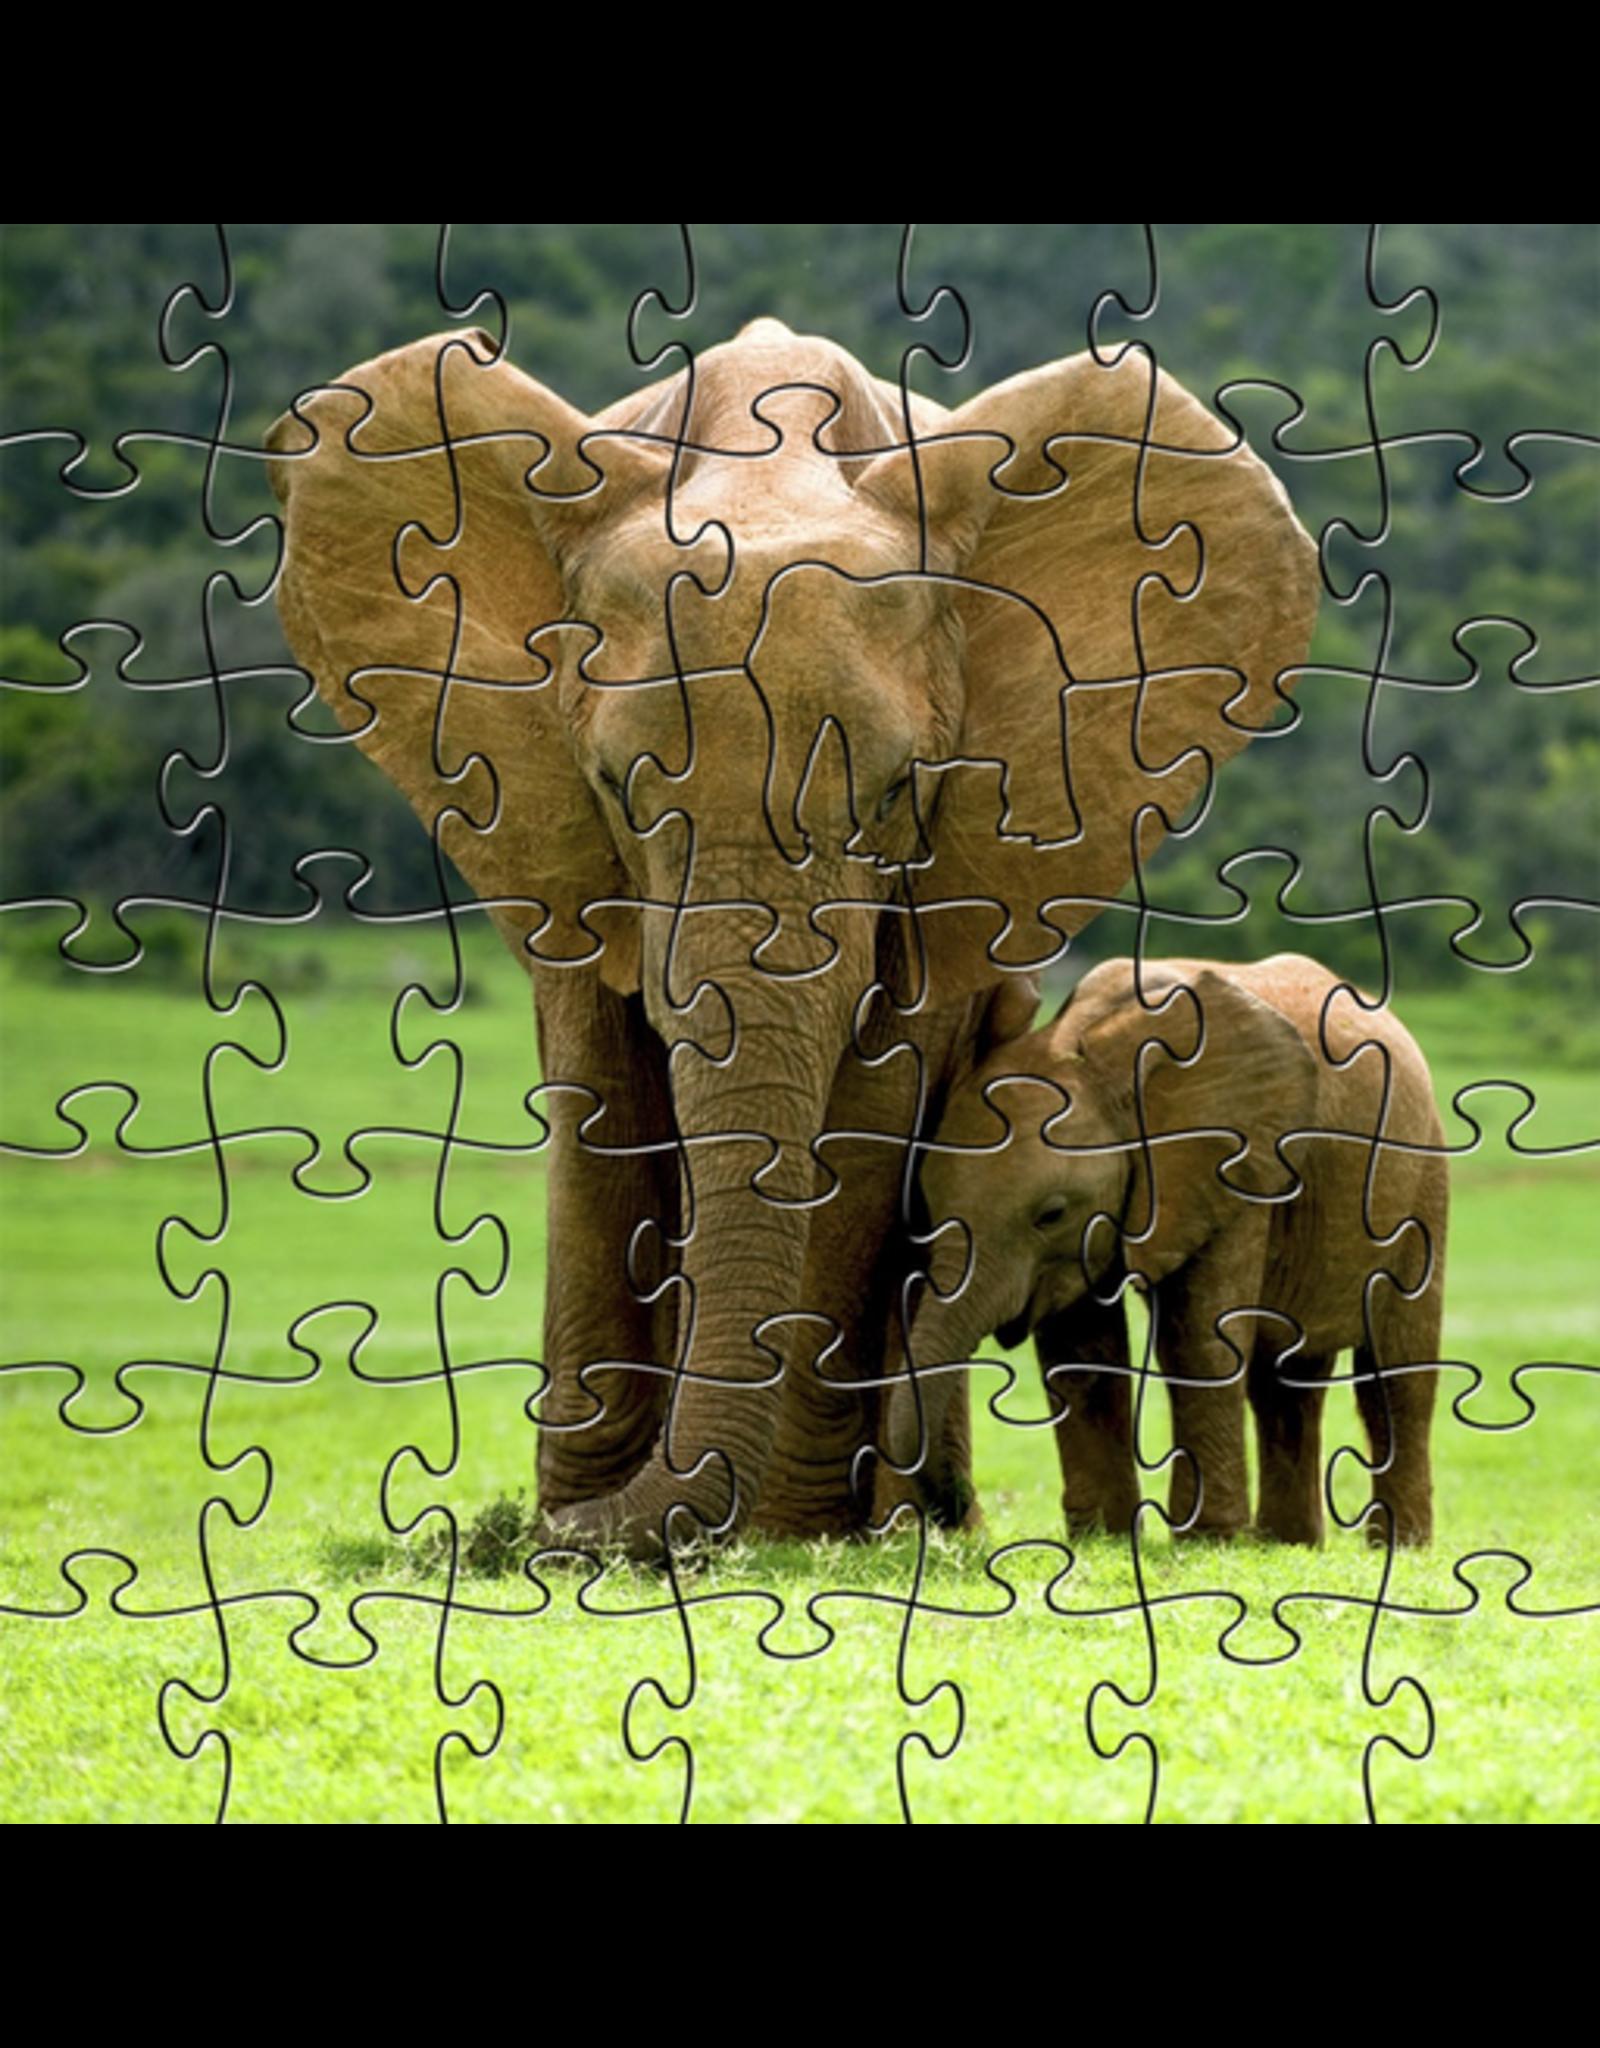 Zen Art & Design Elephants (Teaser, 50 Pieces, ZEN Wooden Jigsaw Puzzle)